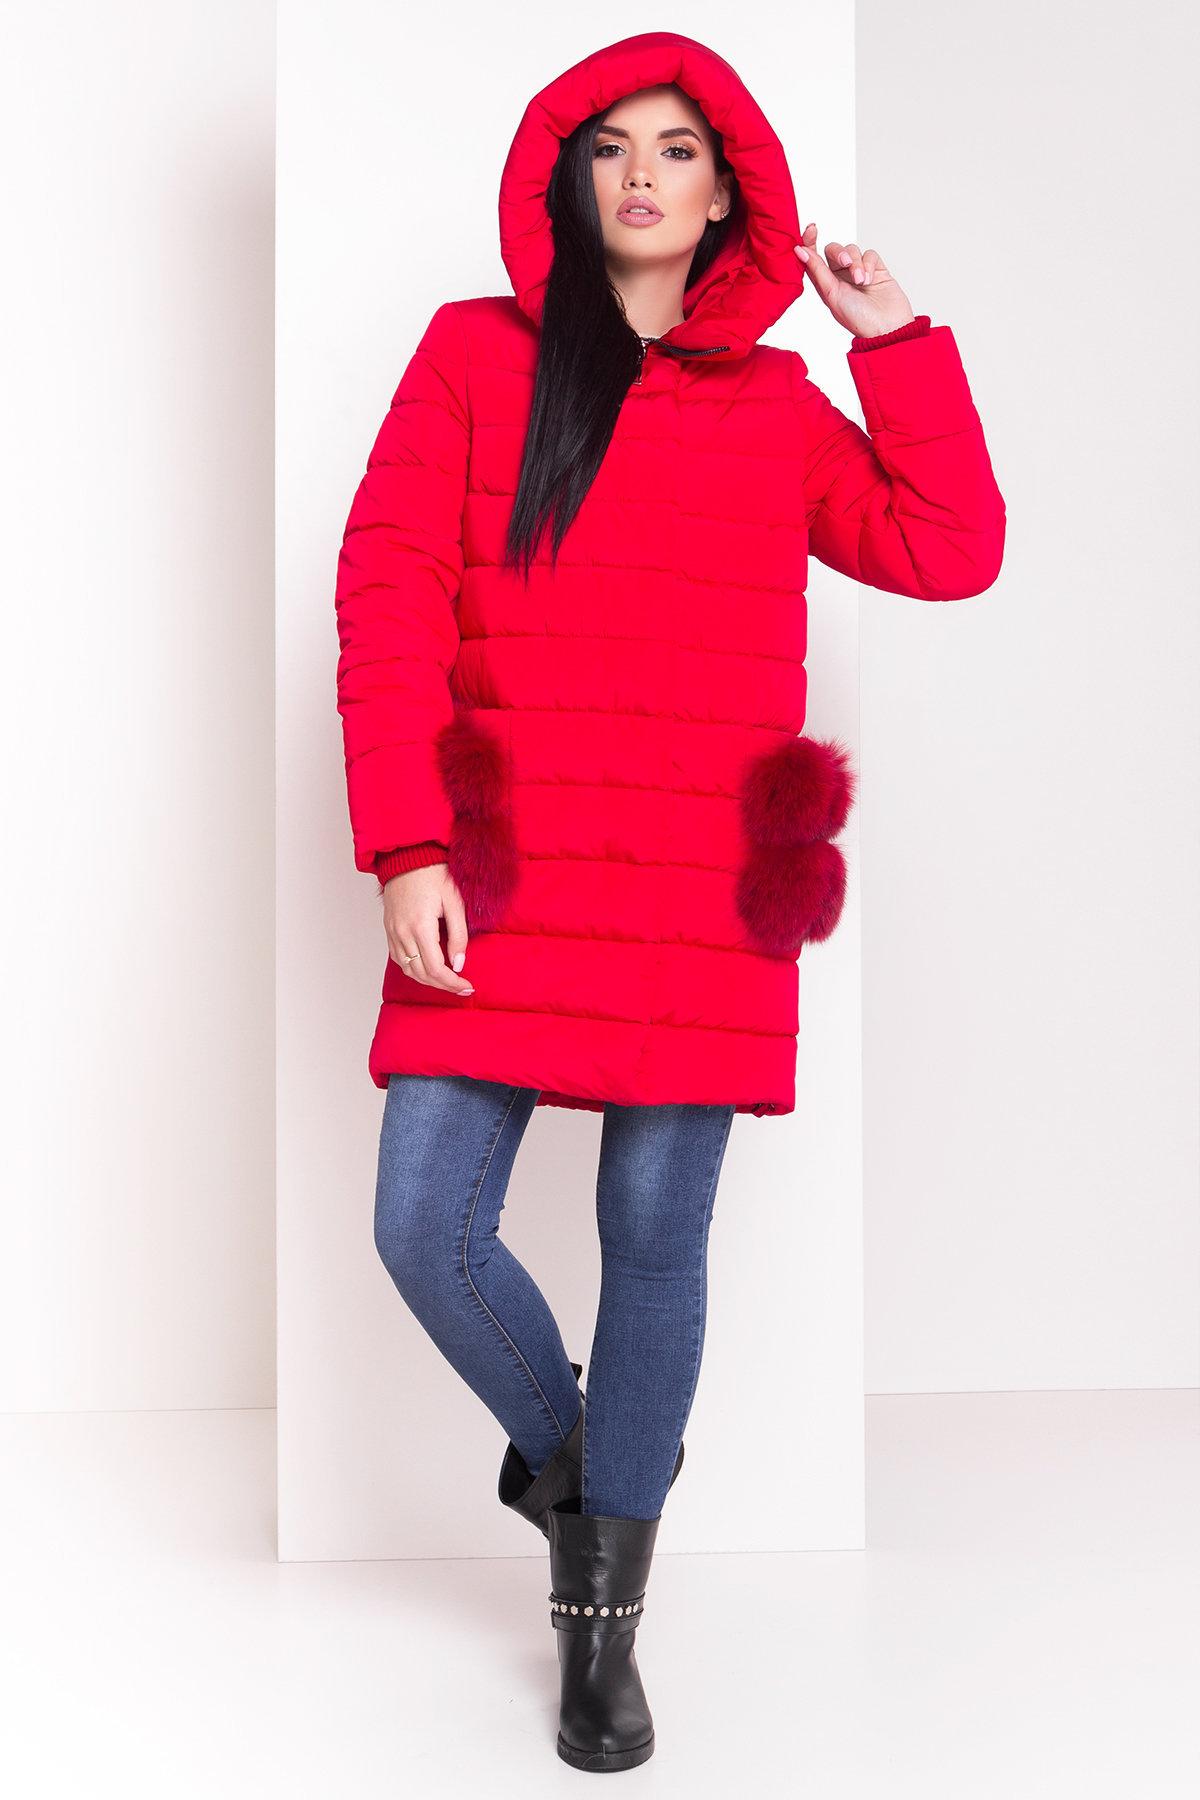 Зимний пуховик прямого кроя Лили Канада 8363 АРТ. 44554 Цвет: Красный - фото 5, интернет магазин tm-modus.ru